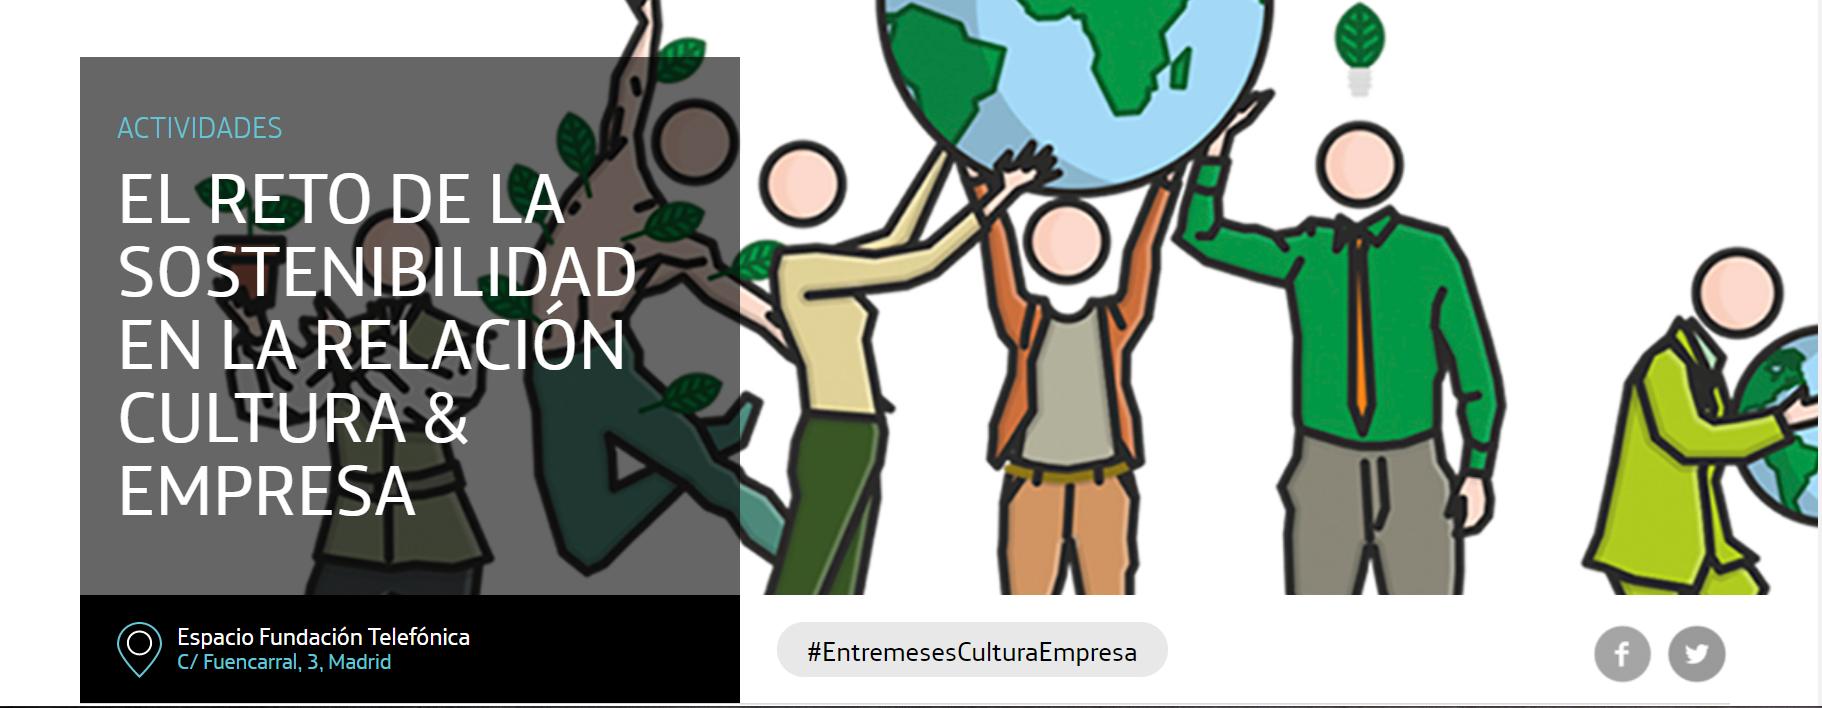 Entremeses: El Reto de la Sostenibilidad en la Relación Cultura & Empresa